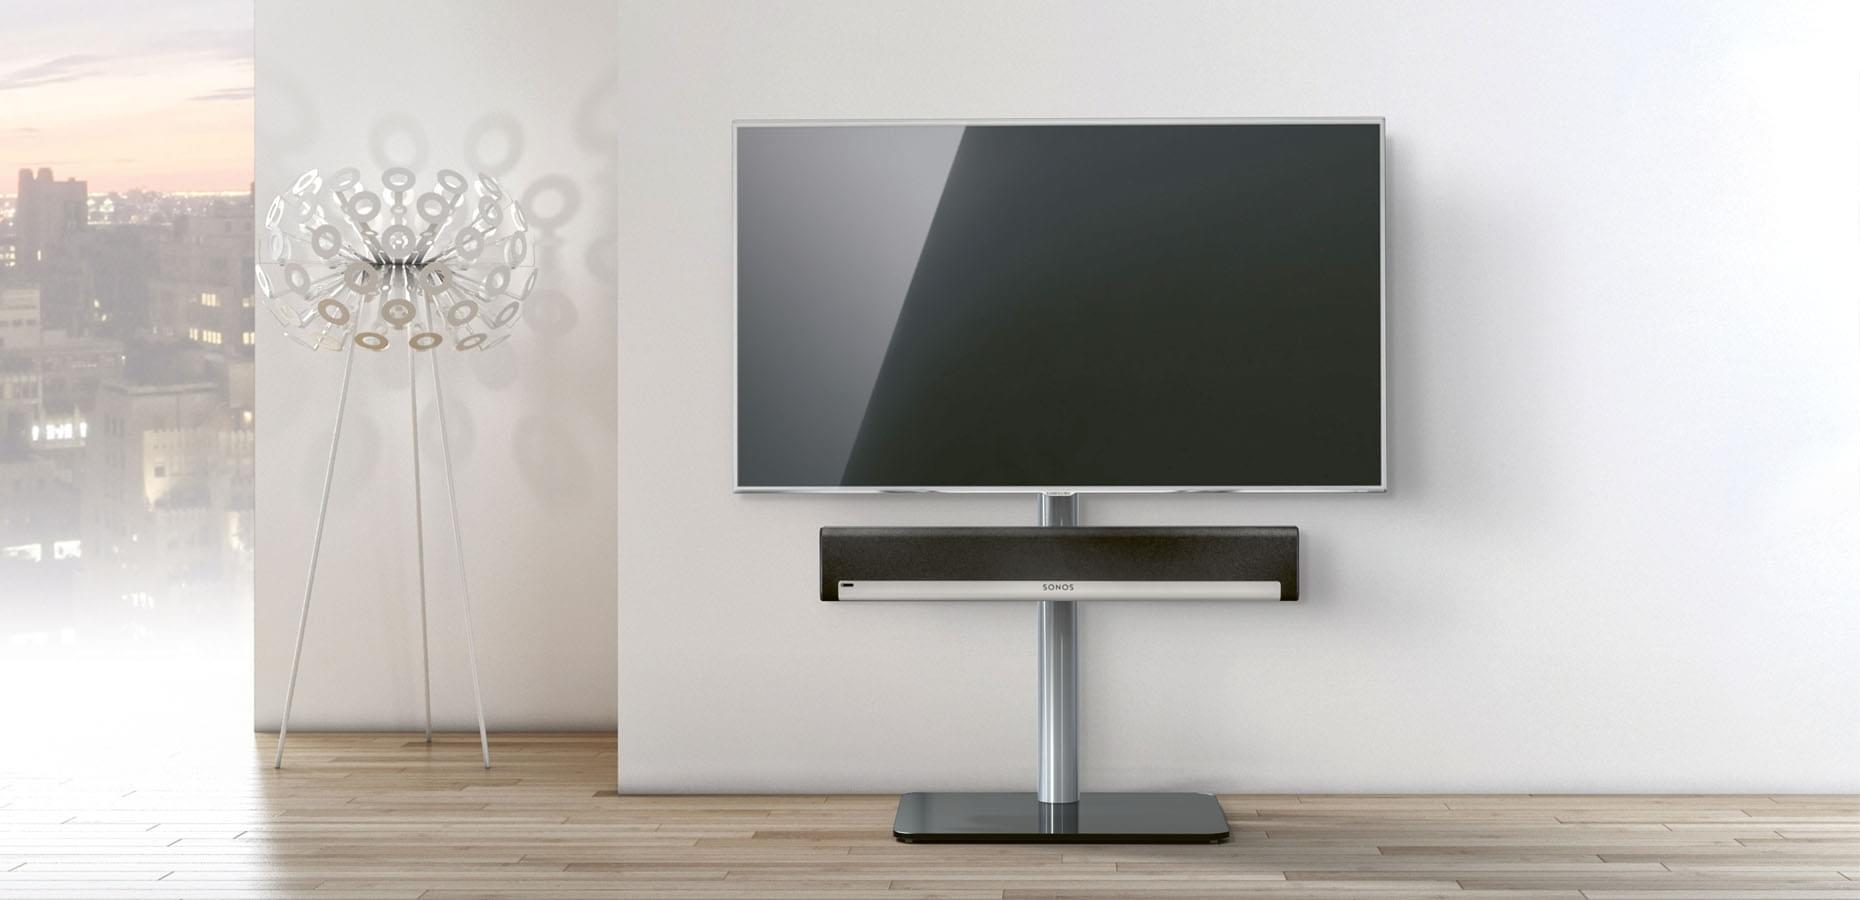 headersoundbarjr-tv600